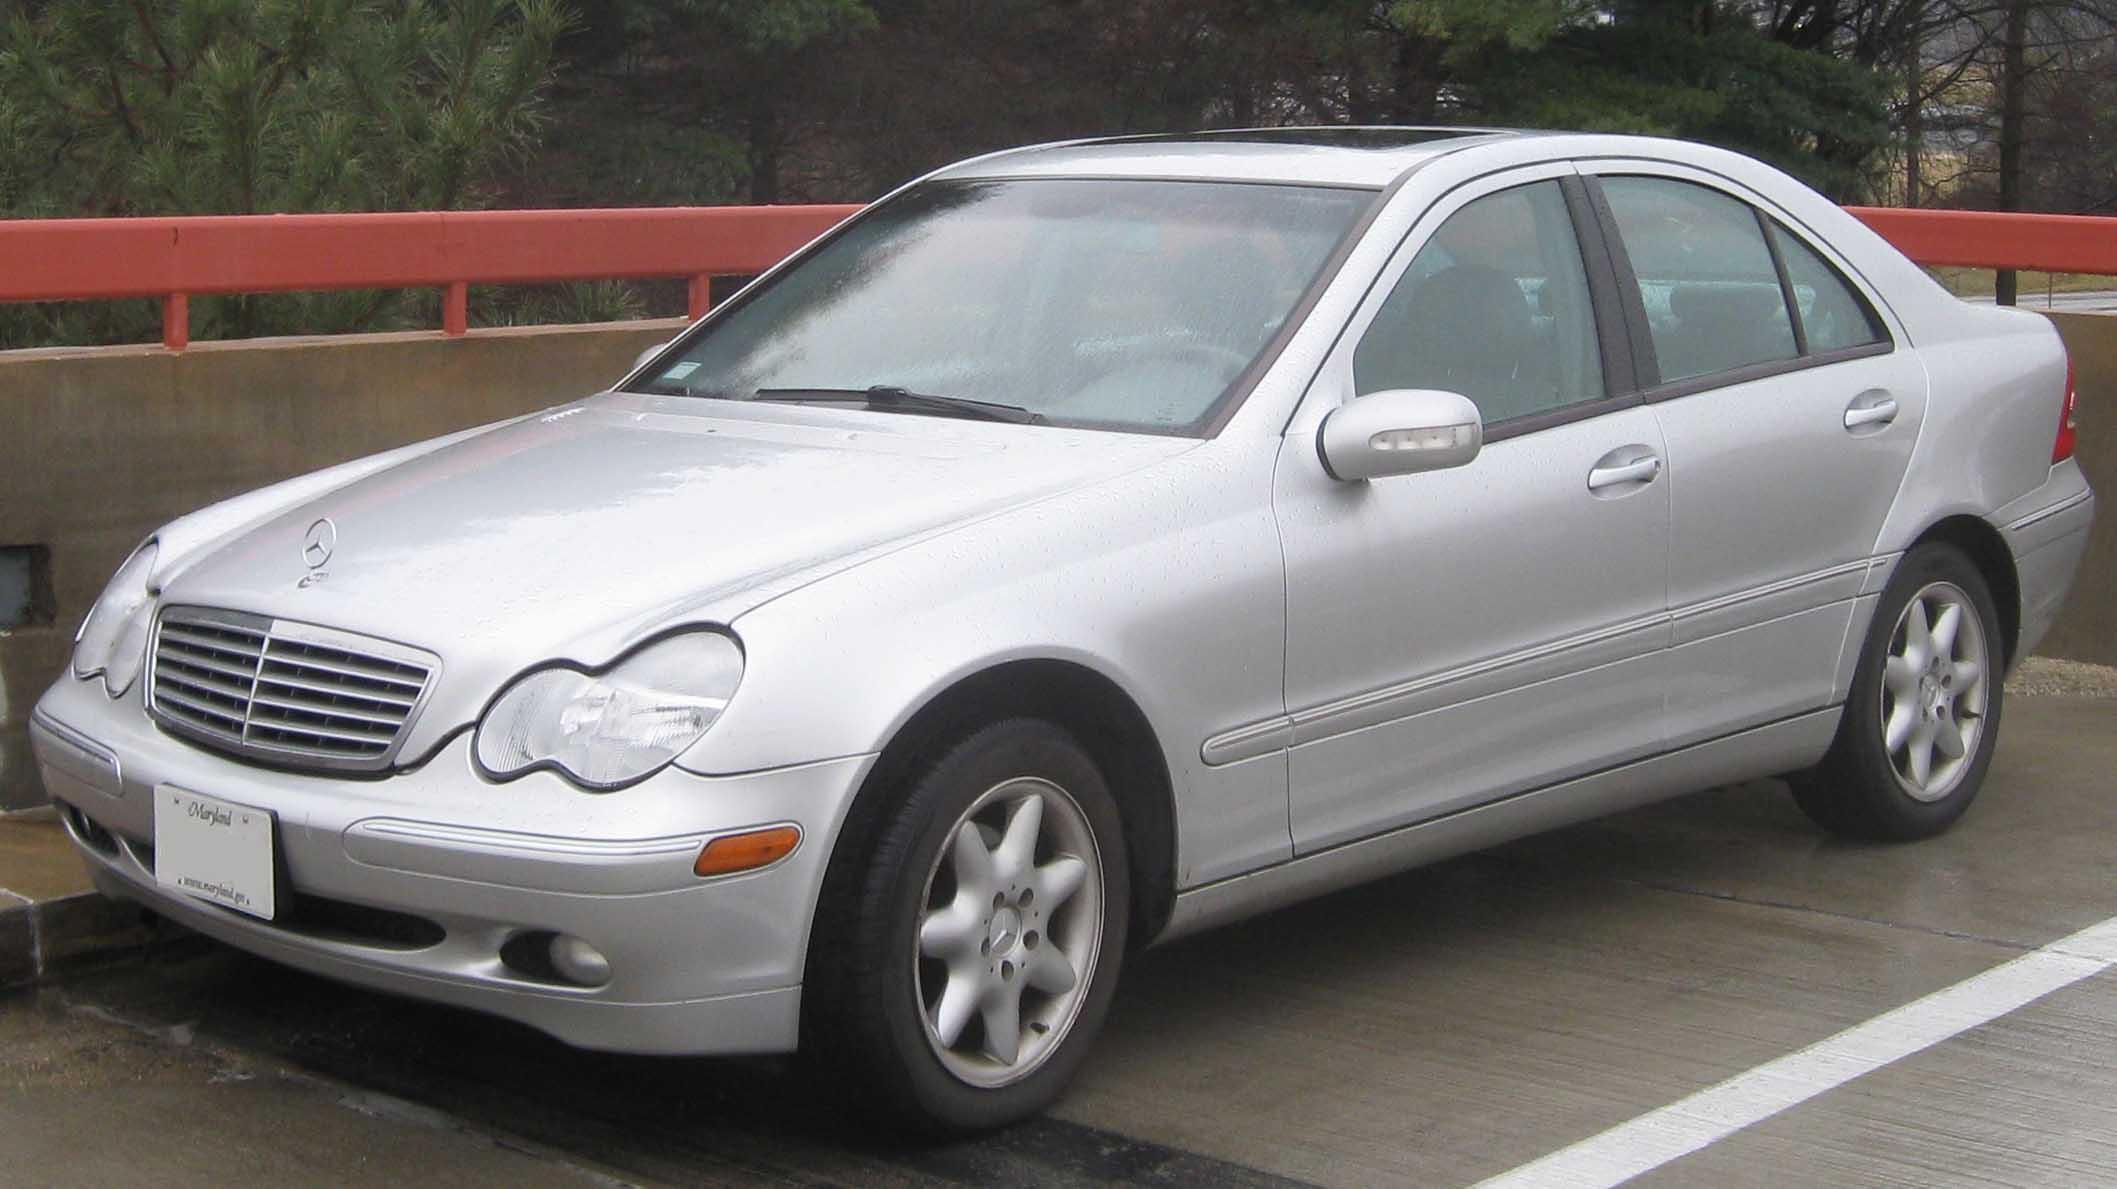 Mercedes-Benz C-klasse II (W203) 2000 - 2004 Station wagon 5 door #1